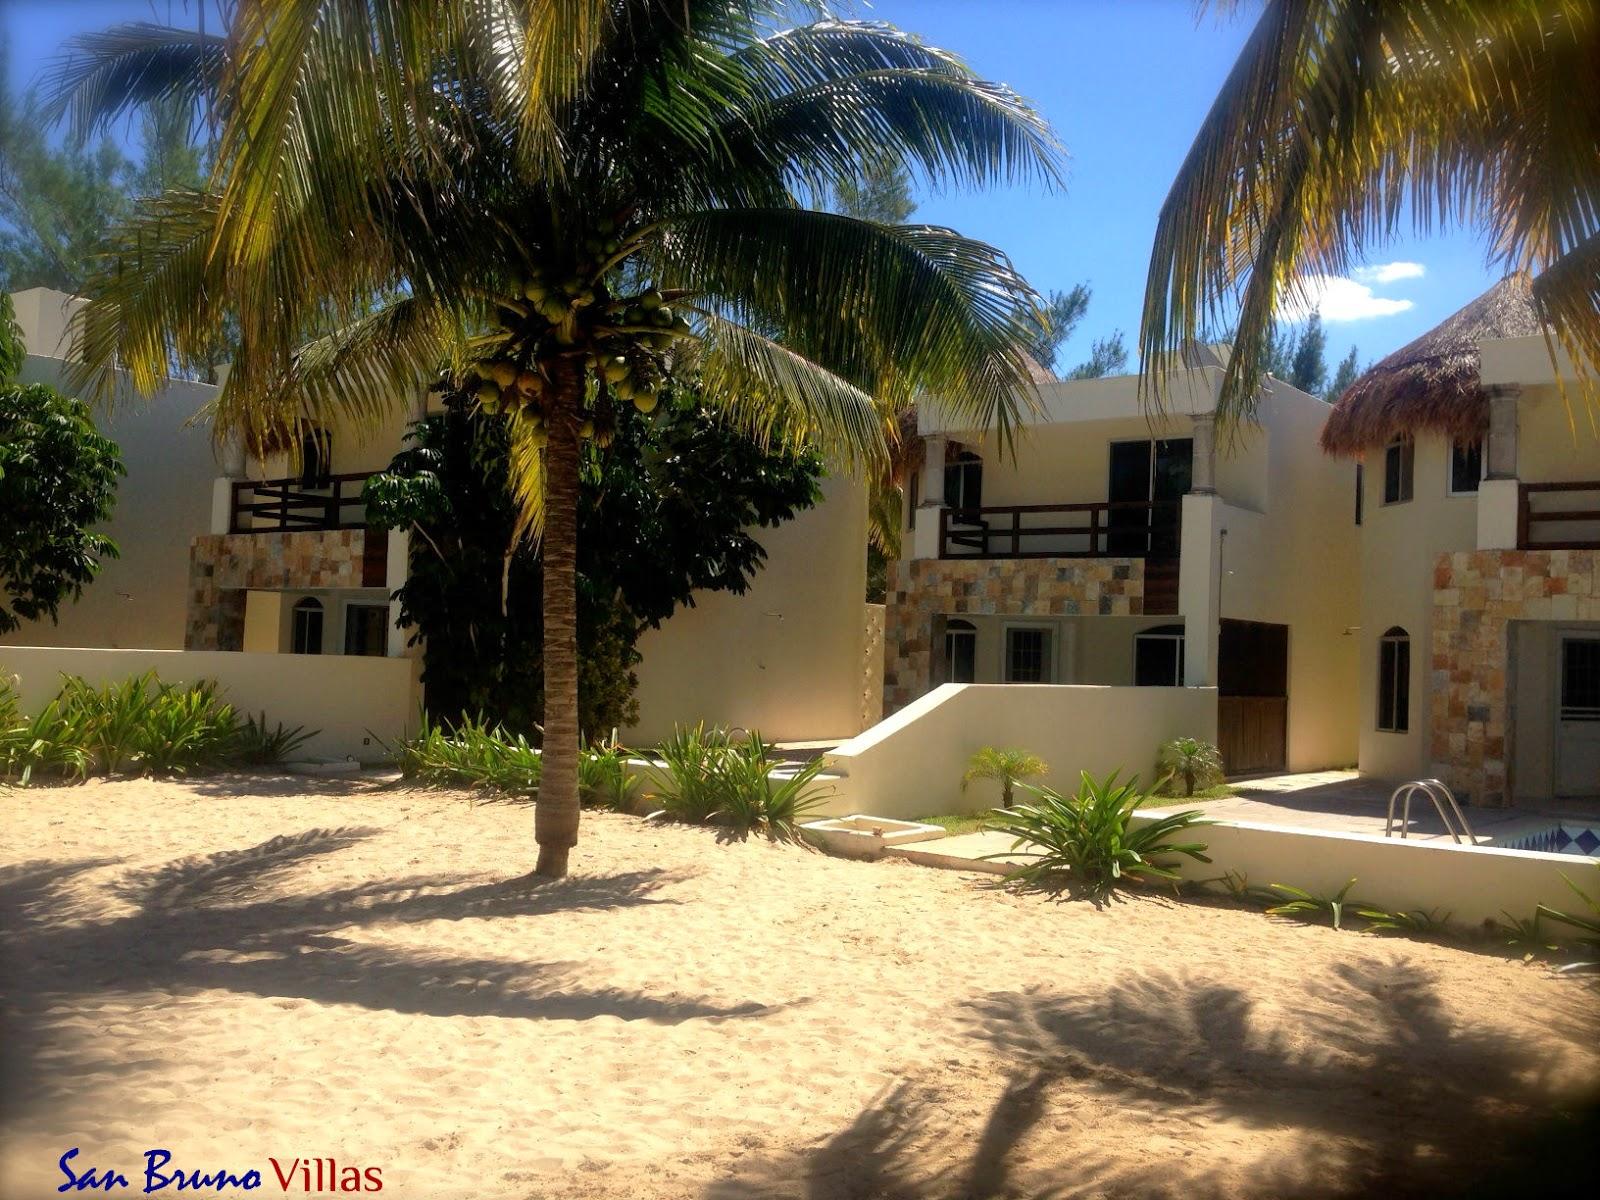 Vacation home rentals san bruno villas yucatan mexico for Villas san bruno